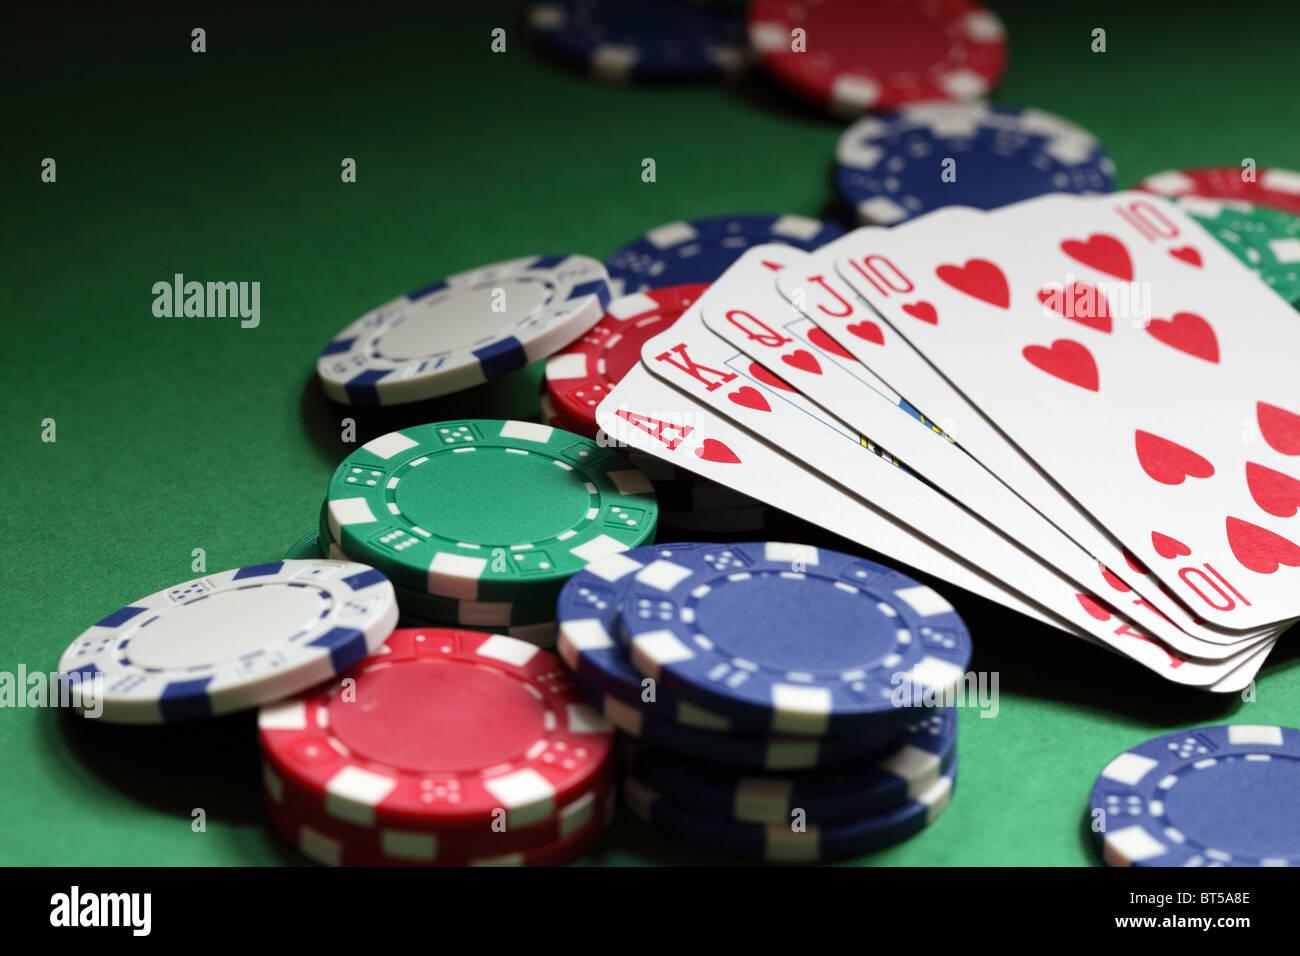 Royal flush poker hand - Stock Image